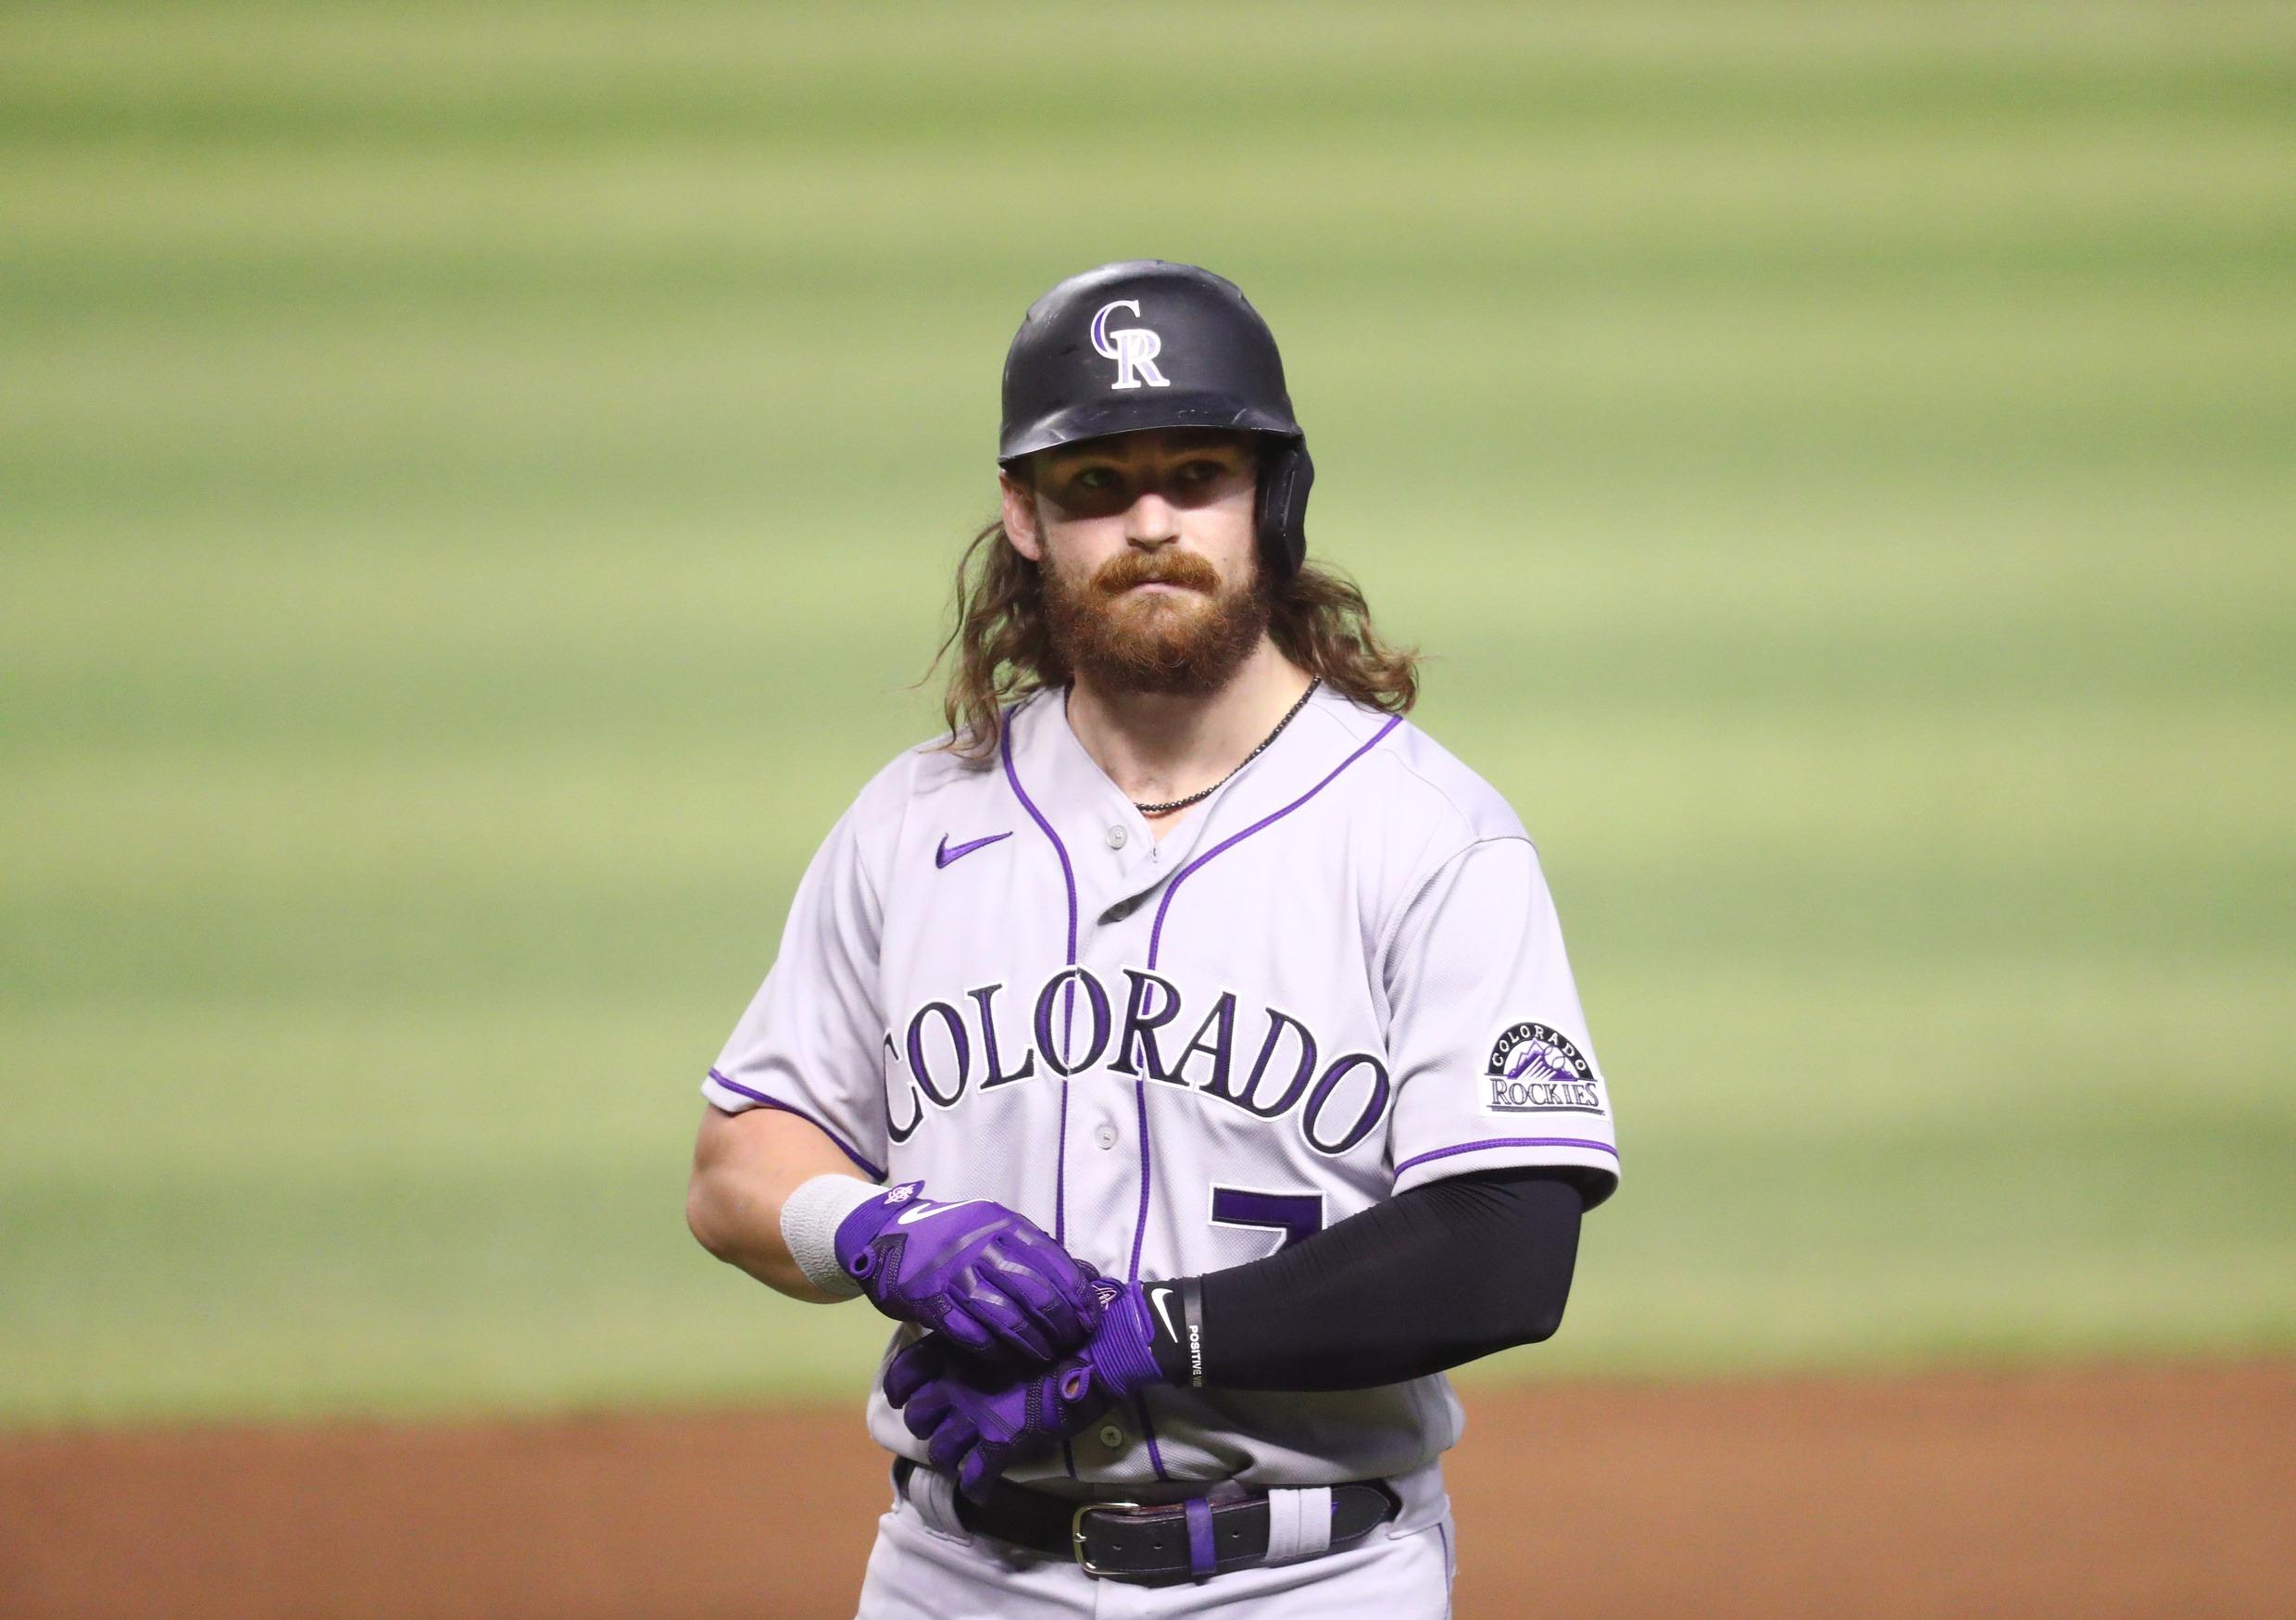 Antonio Senzatela Colorado Rockies Spring Training Baseball Player Jersey